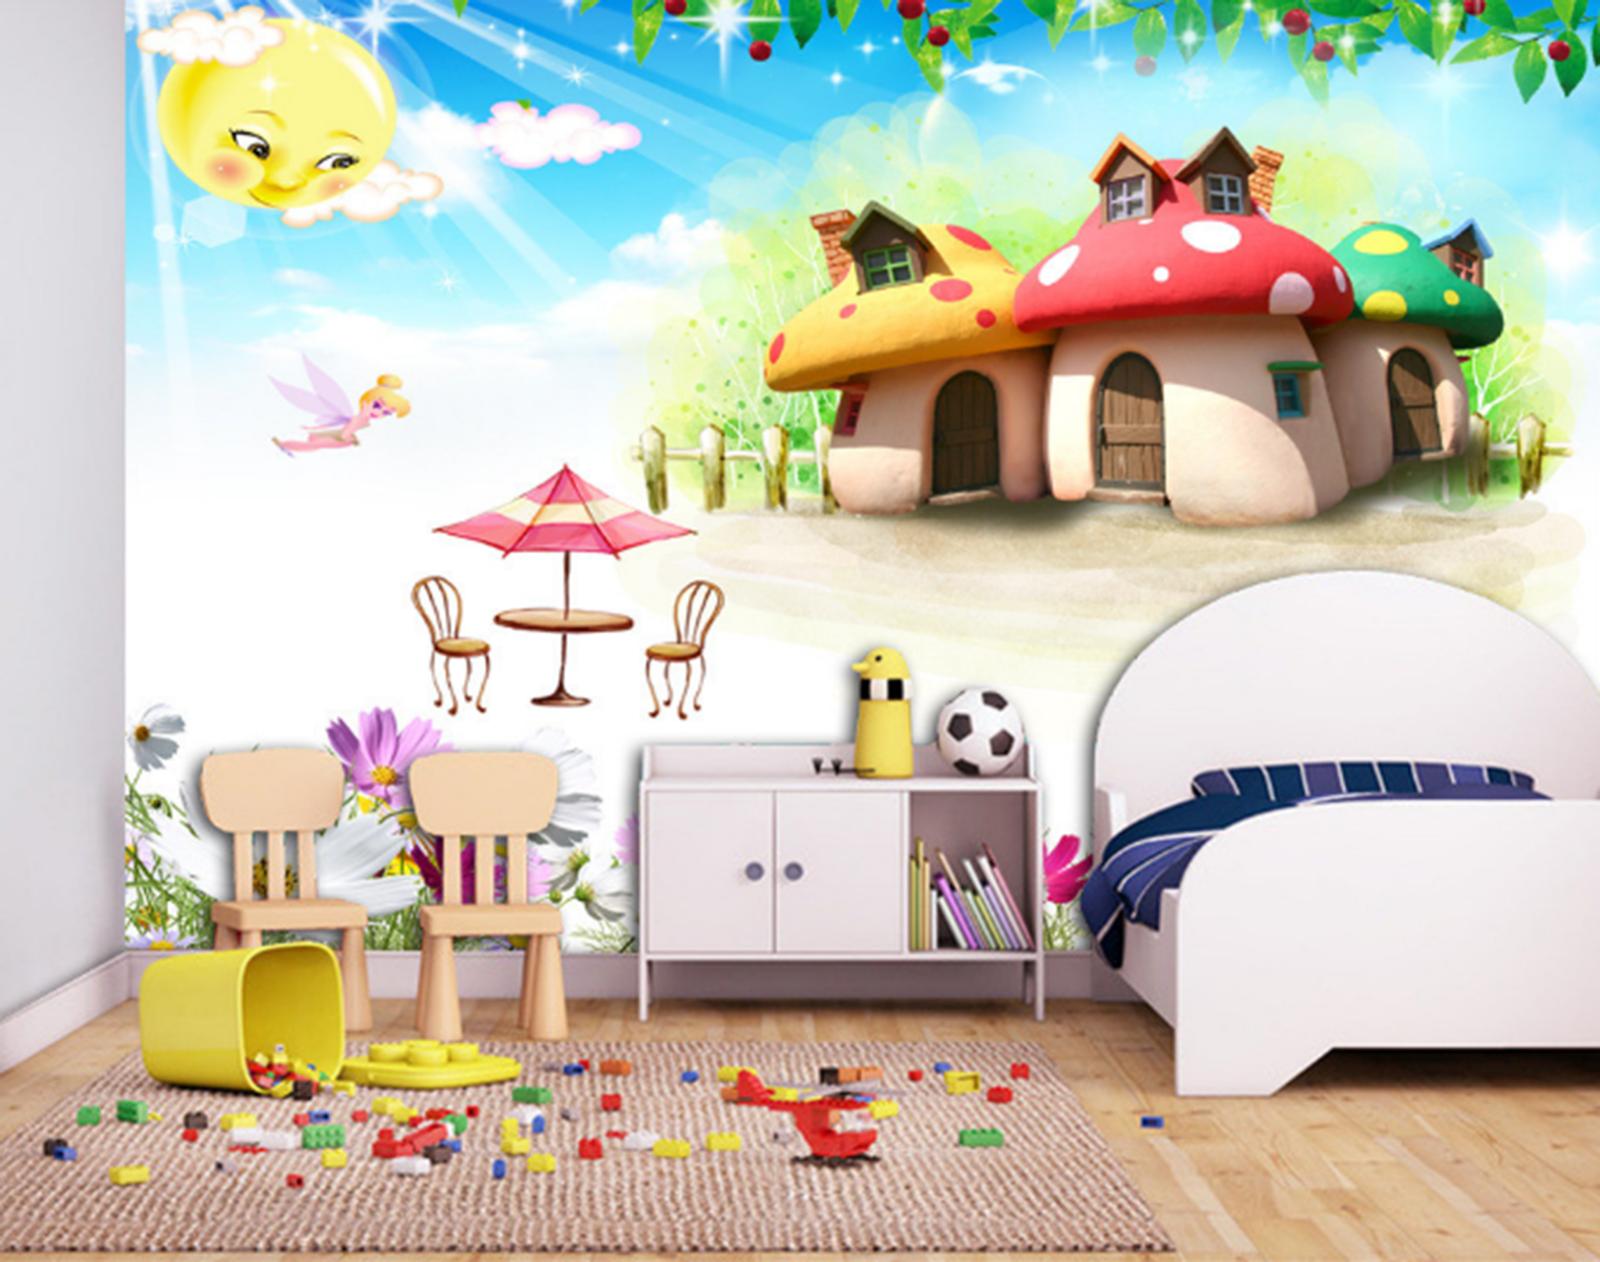 3D Blaumen Pilz Haus 8085 Tapete Wandgemälde Tapeten Bild Familie DE Summer   Kaufen Sie beruhigt und glücklich spielen    Die erste Reihe von umfassenden Spezifikationen für Kunden    Roman